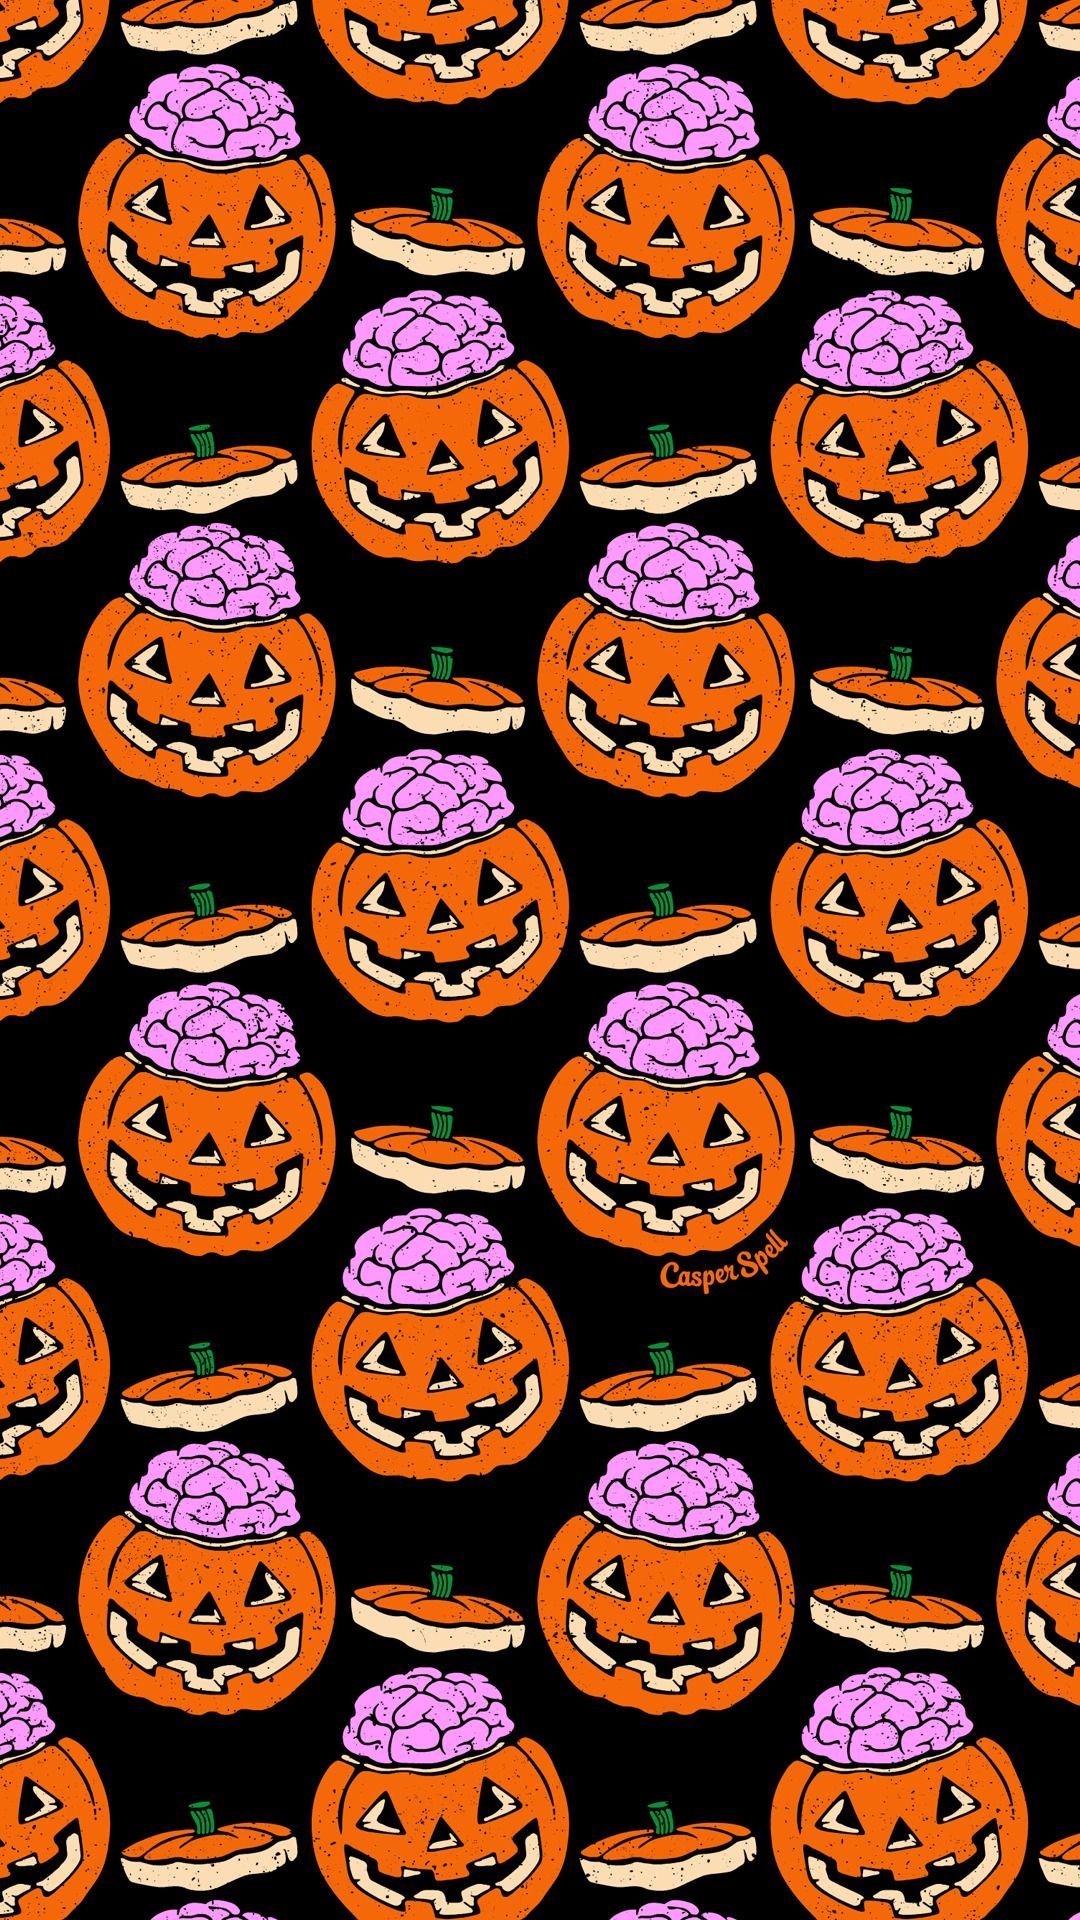 Aesthetic Halloween Wallpaper Mobile Halloween Wallpaper Iphone Halloween Wallpaper Backgrounds Halloween Wallpaper